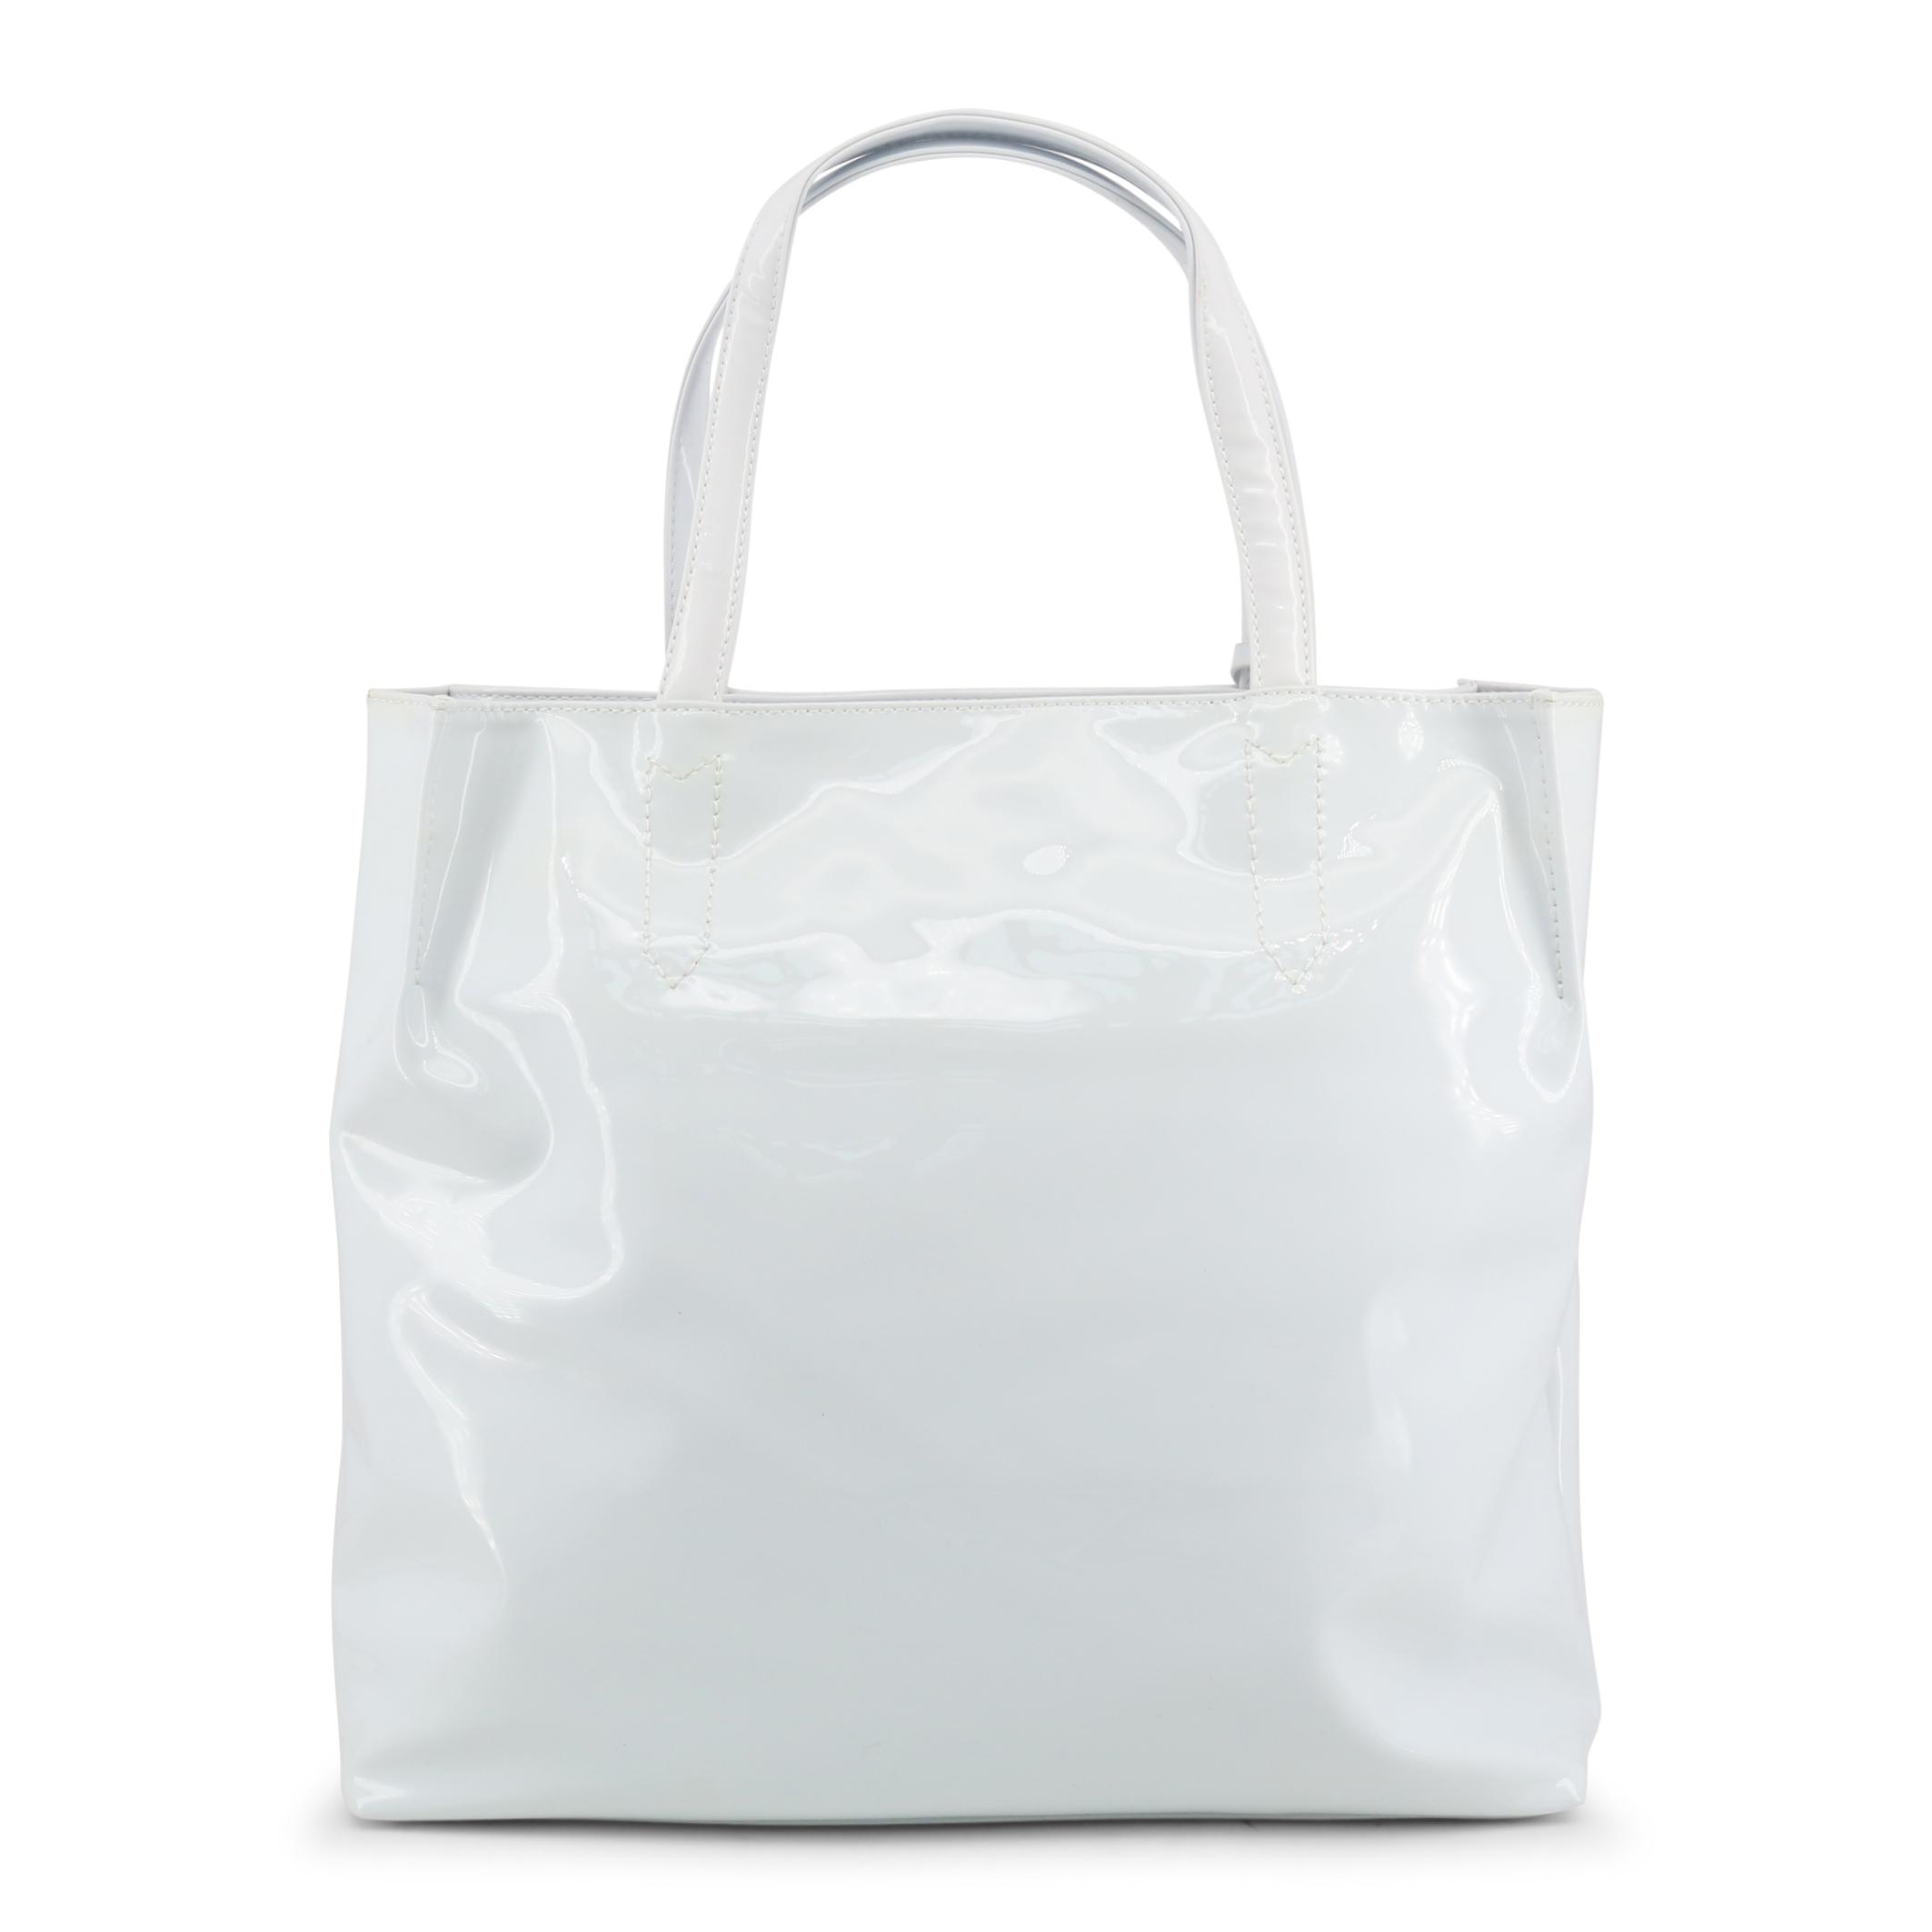 Maroquinerie  Trussardi 75B01VER white